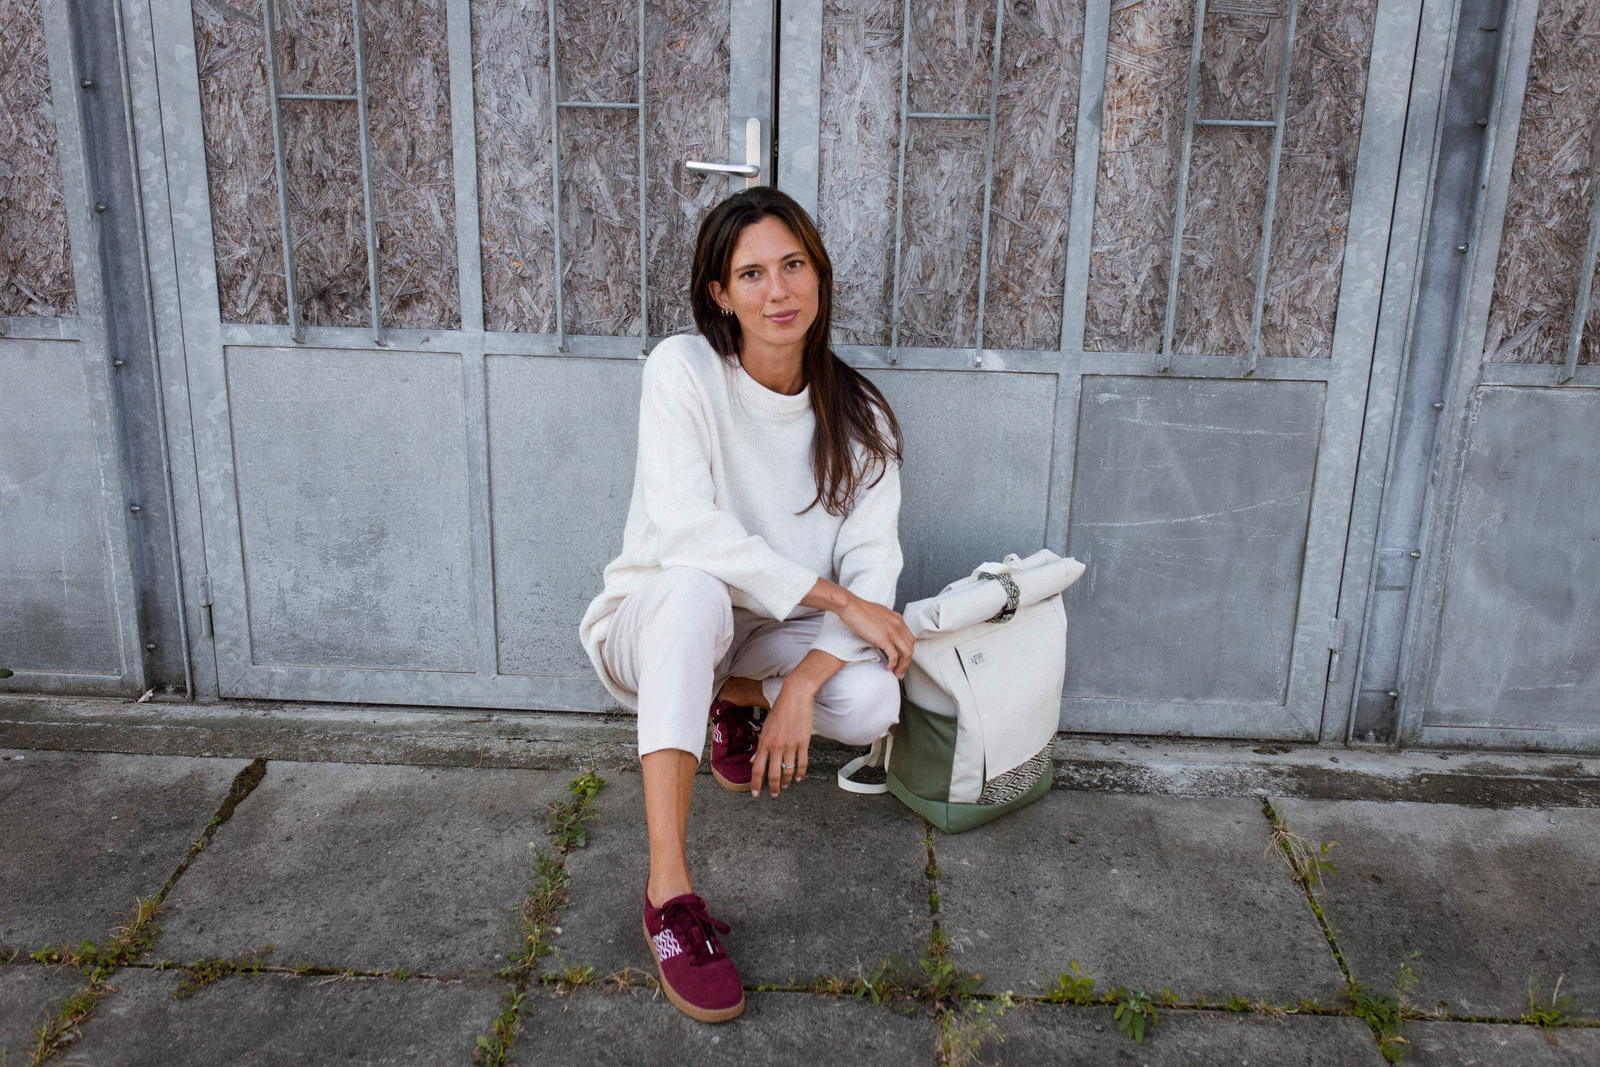 Ngo Shoes - Backpack - Blanc - recyclé - Sneakers - vegan - Bordeaux - Vietnam - femme